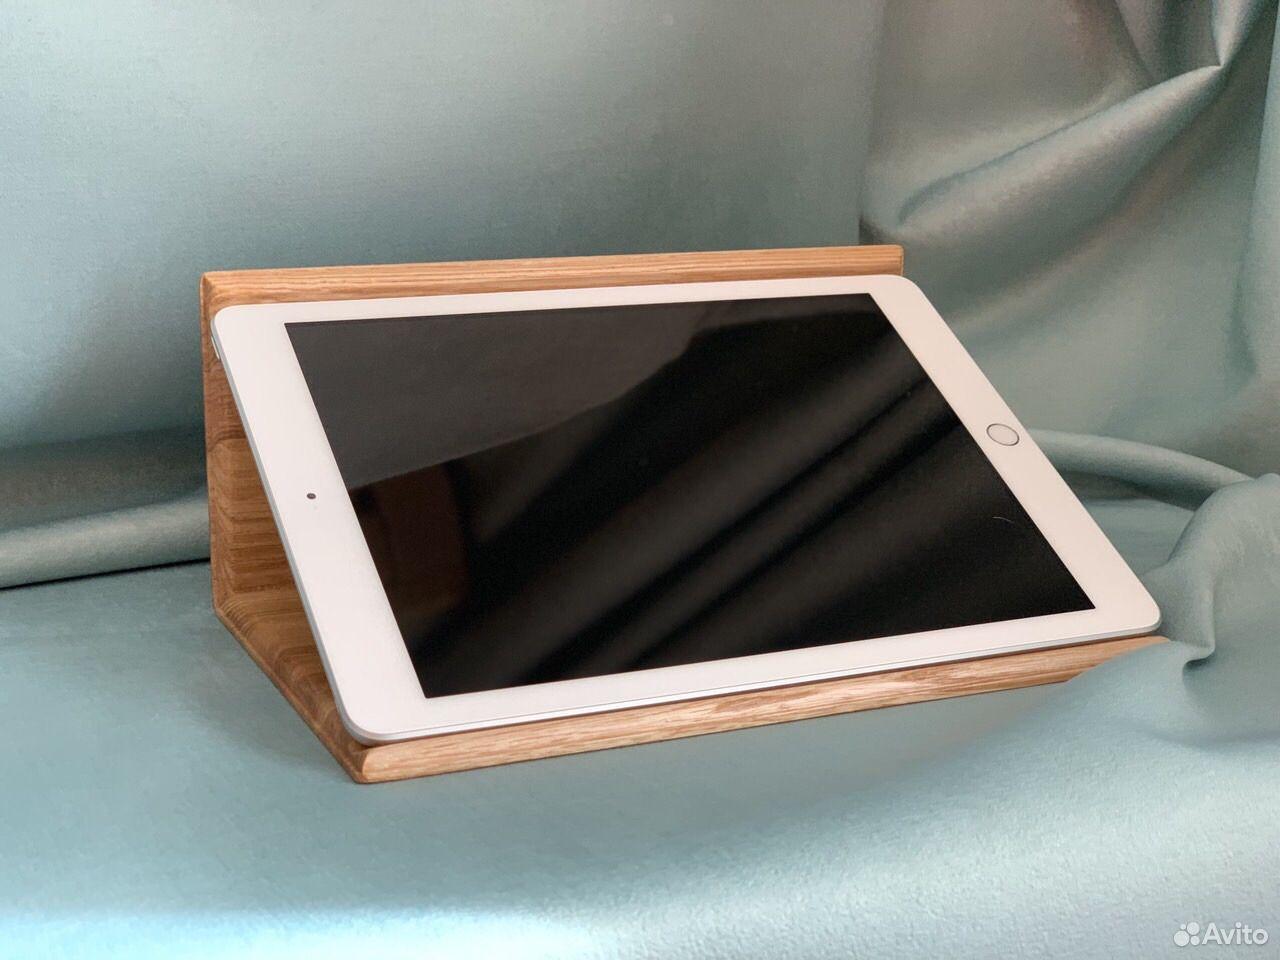 Подставка для планшета. Из дерева Ясень  89061500826 купить 1